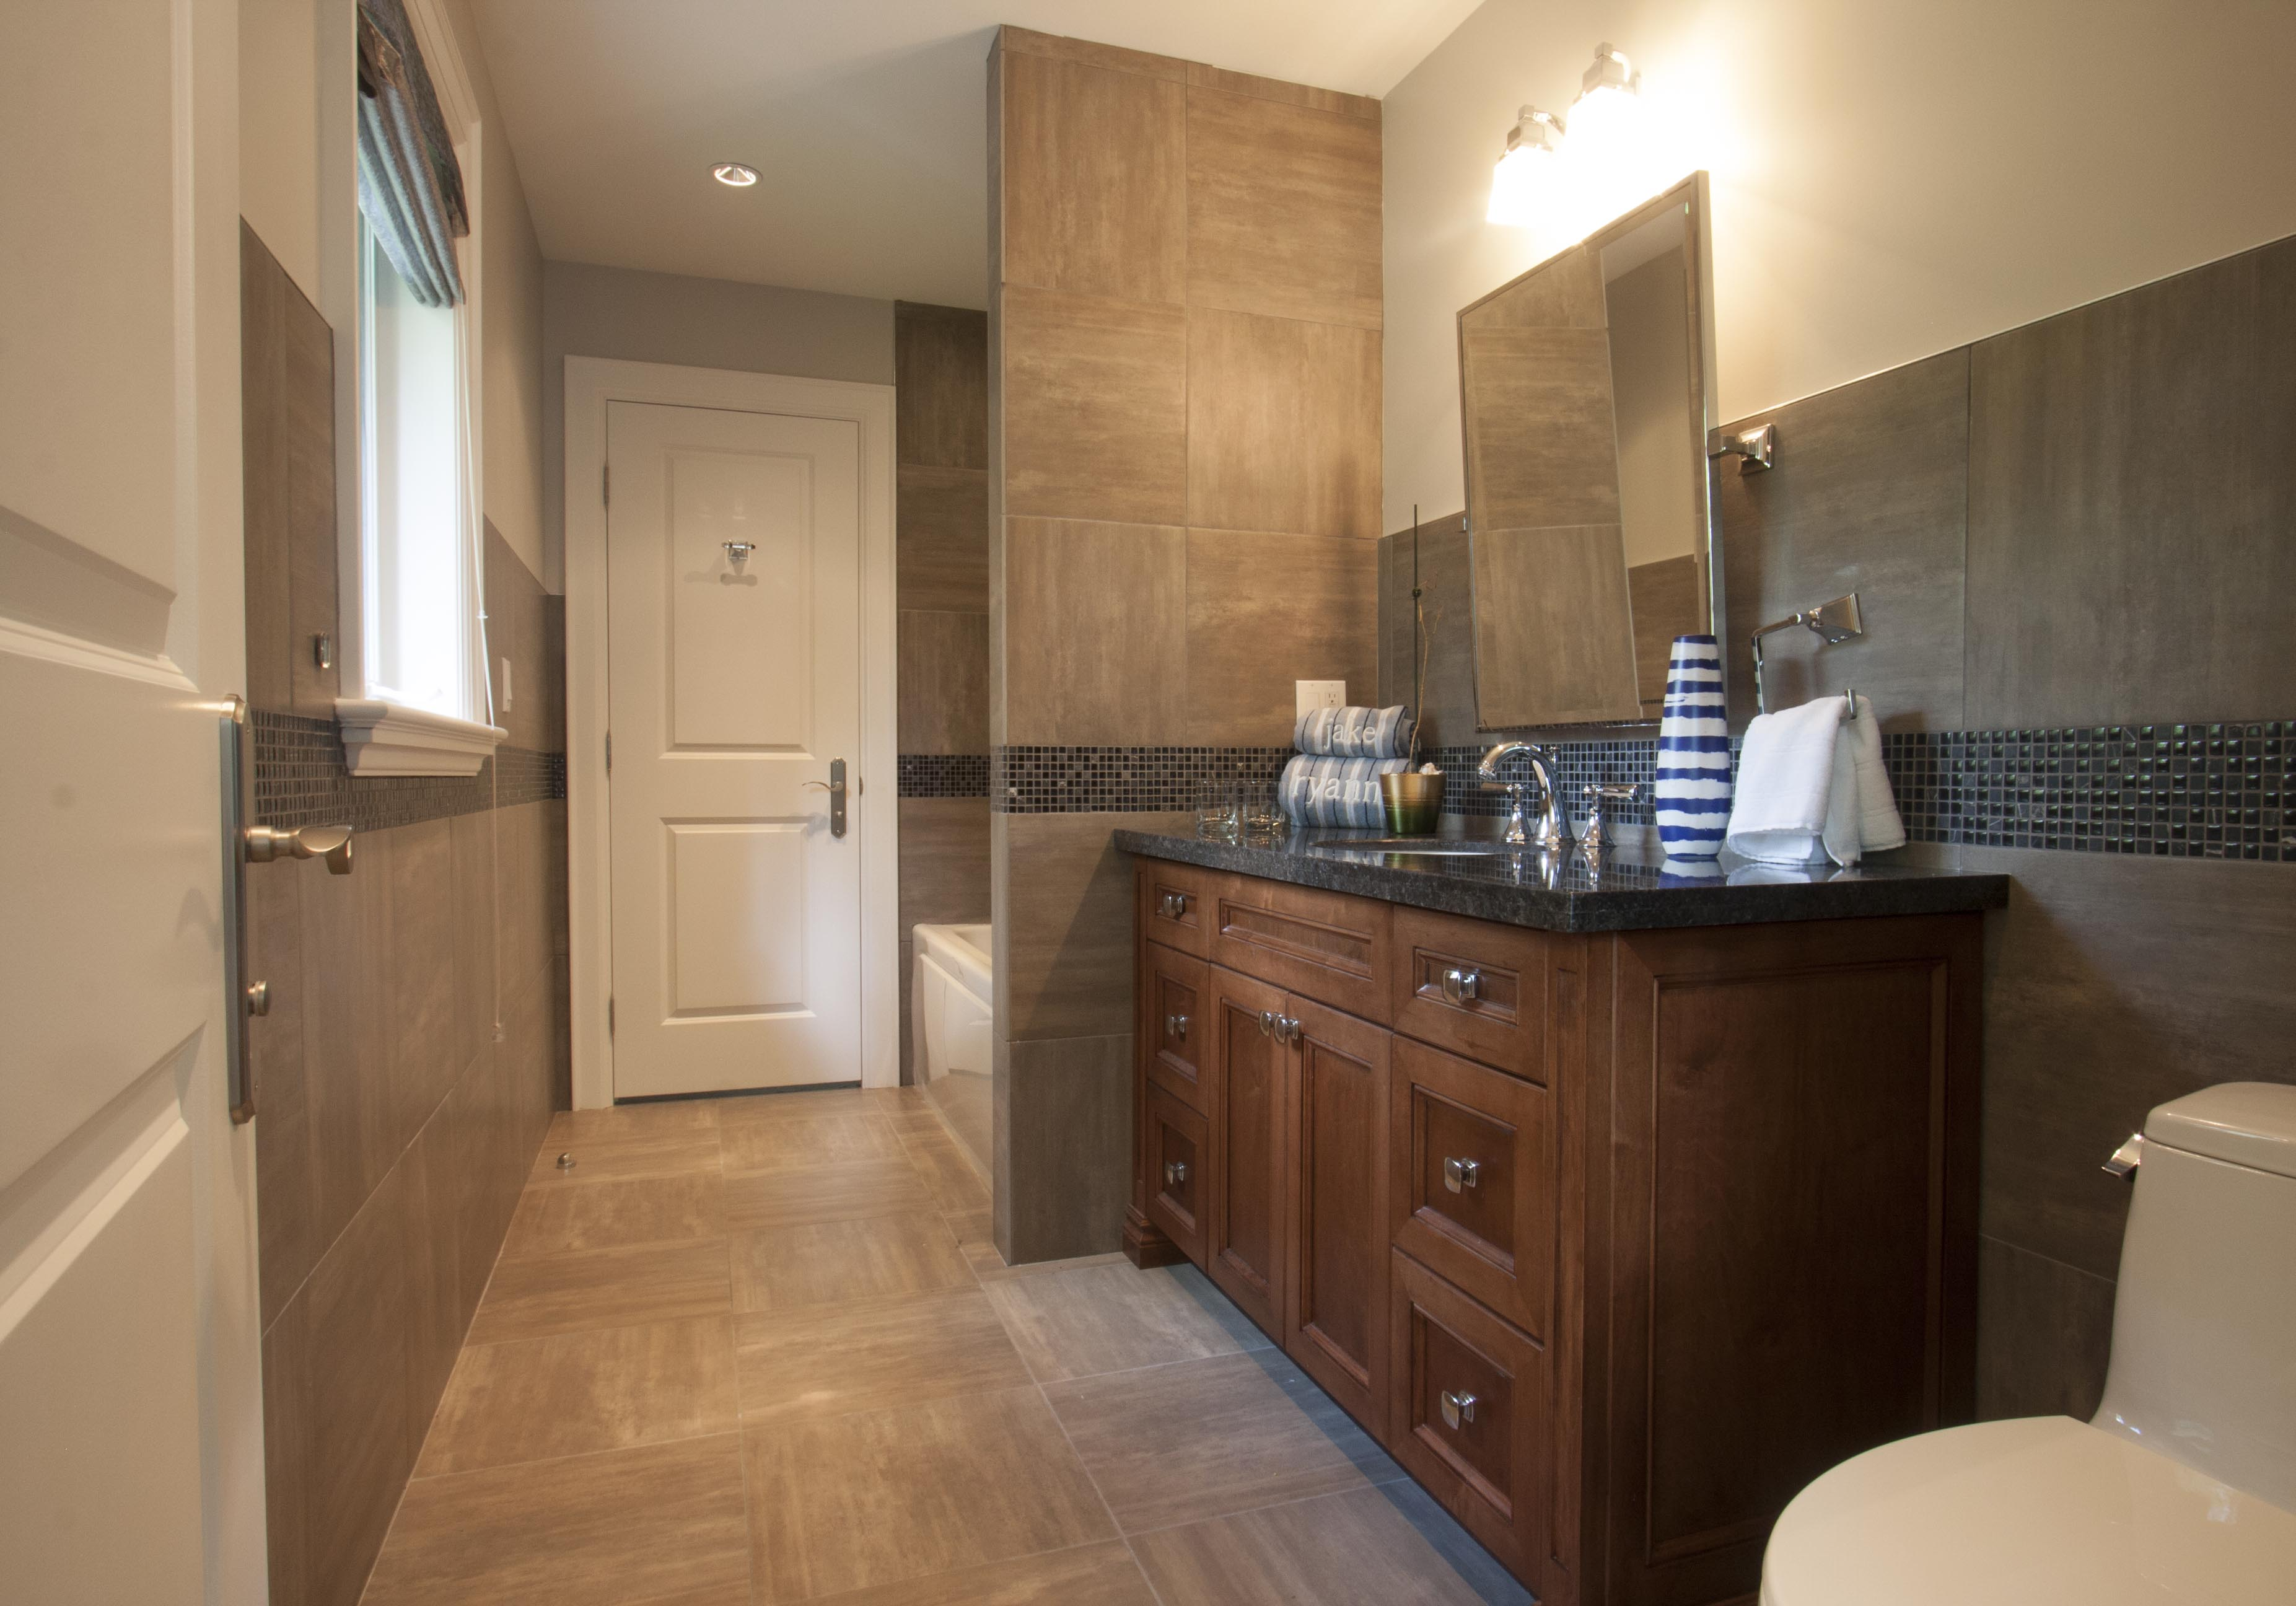 Bathroom with vanity - Custom Bathroom Vanity